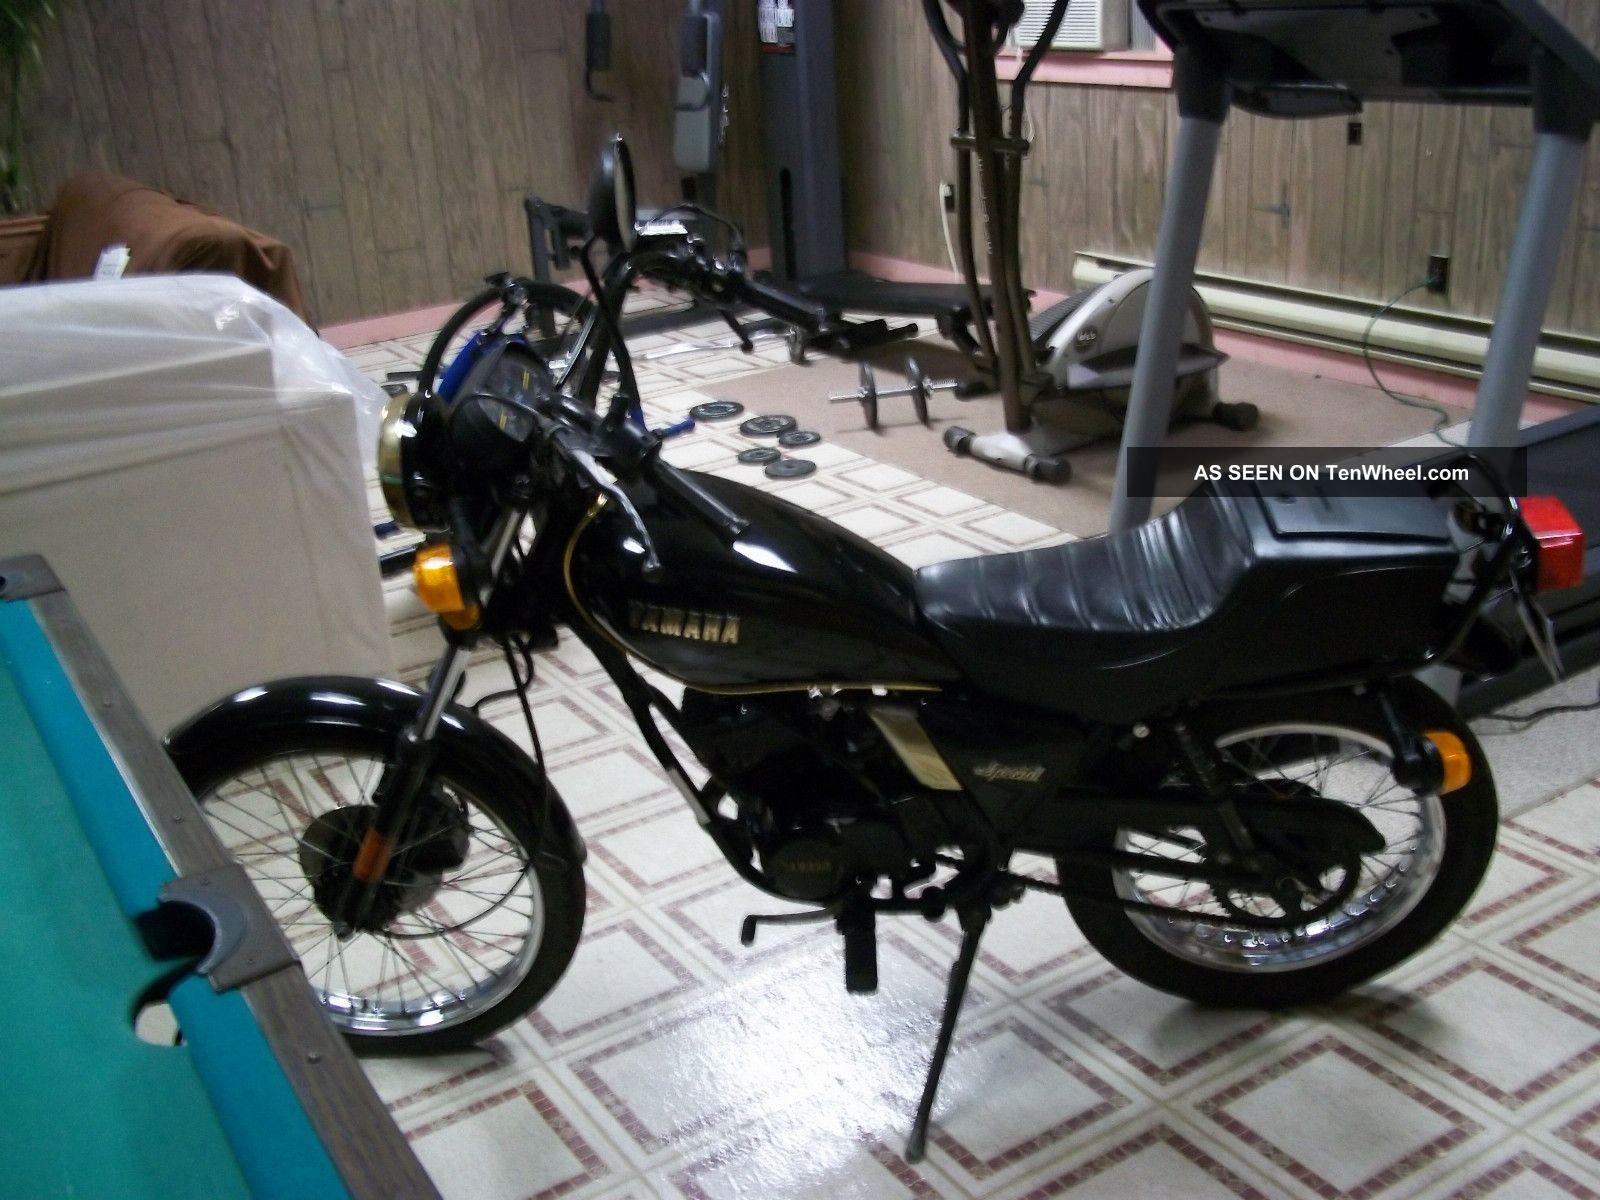 1983 yamaha rx50mk midnight special 3300 mi all orginal for Yamaha 850 midnight special for sale